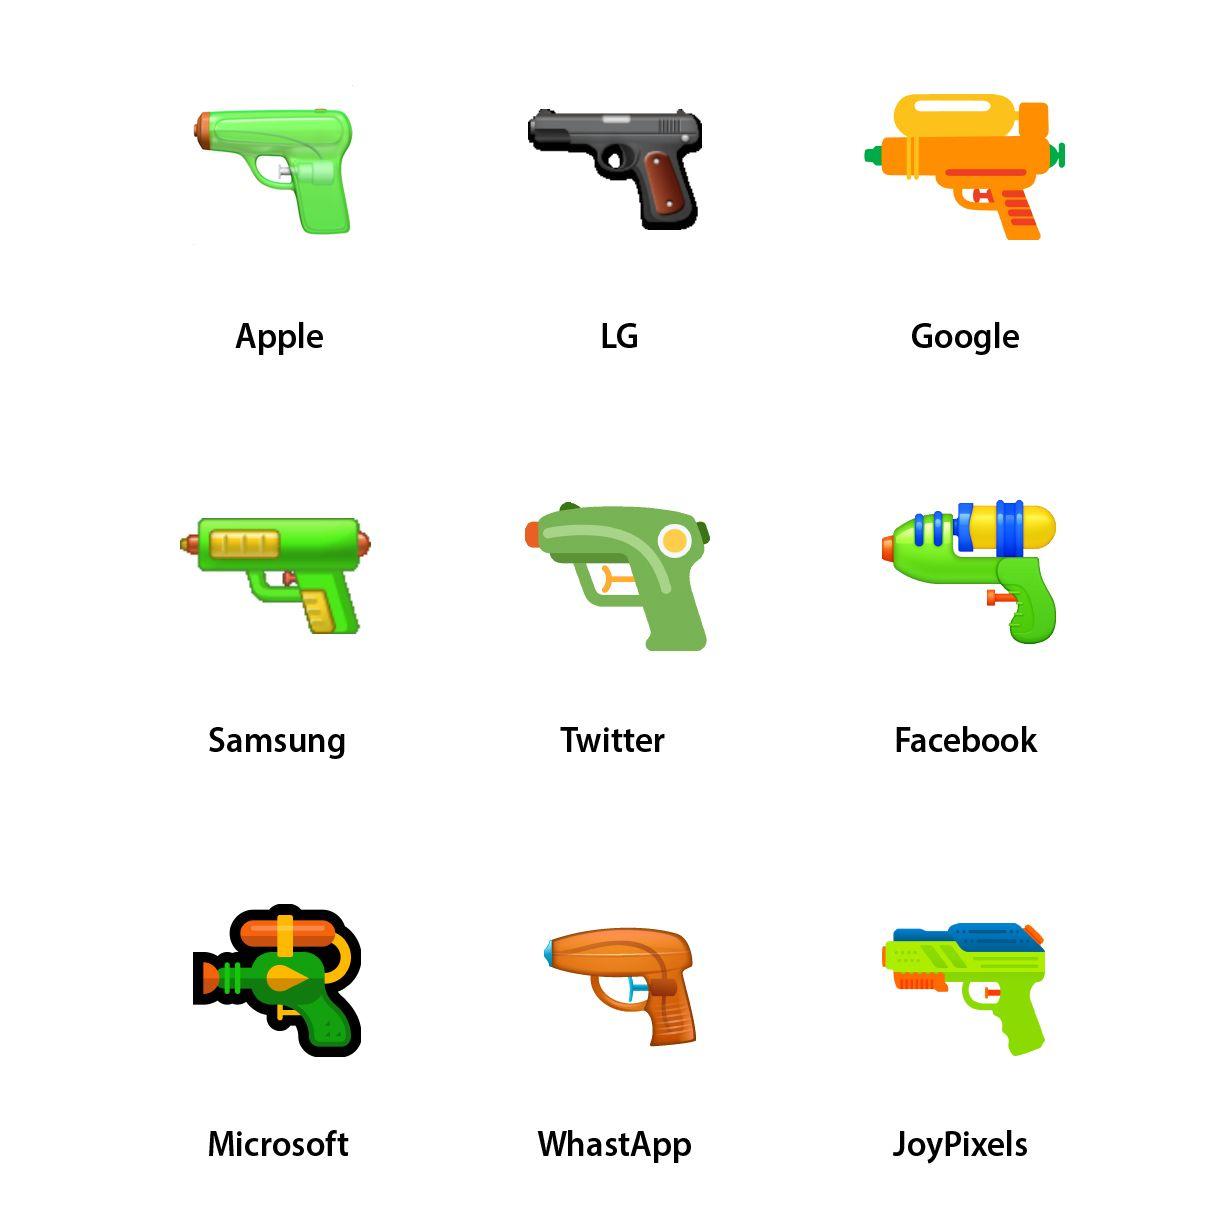 LG-Emoji-Vendor-Design-Comparison-Pistol-Emoji-September-2021